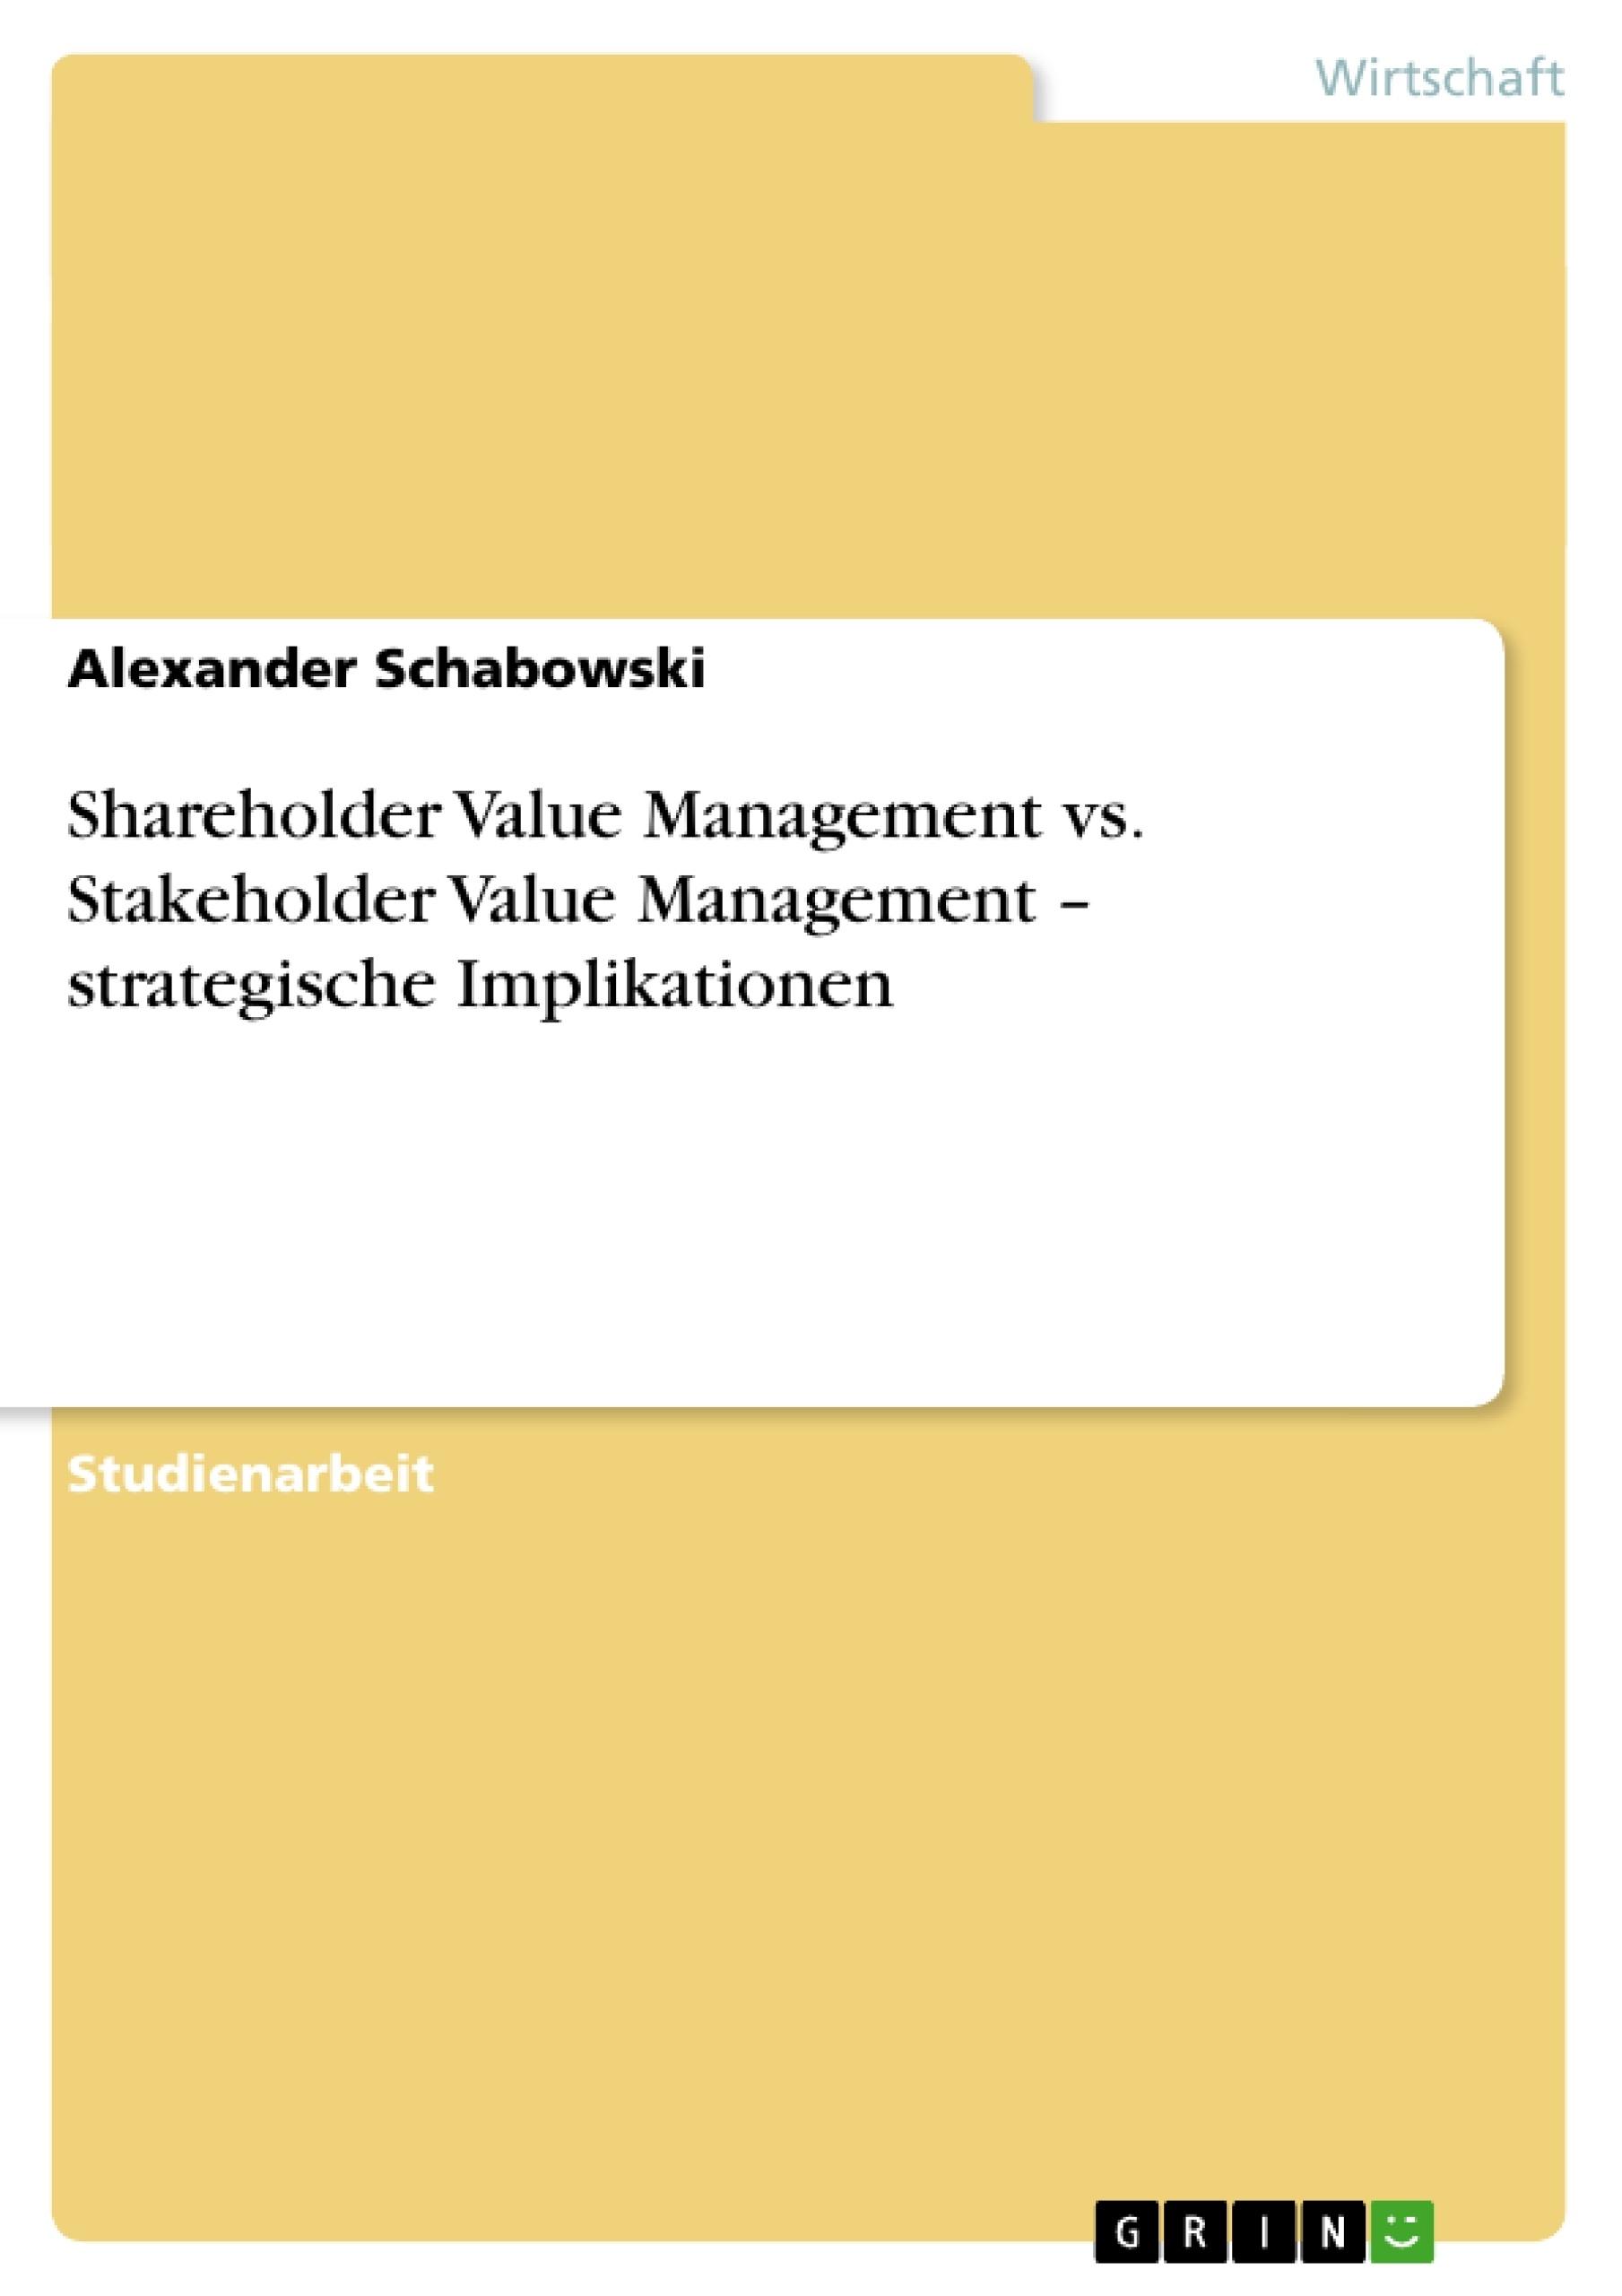 Titel: Shareholder Value Management vs. Stakeholder Value Management – strategische Implikationen